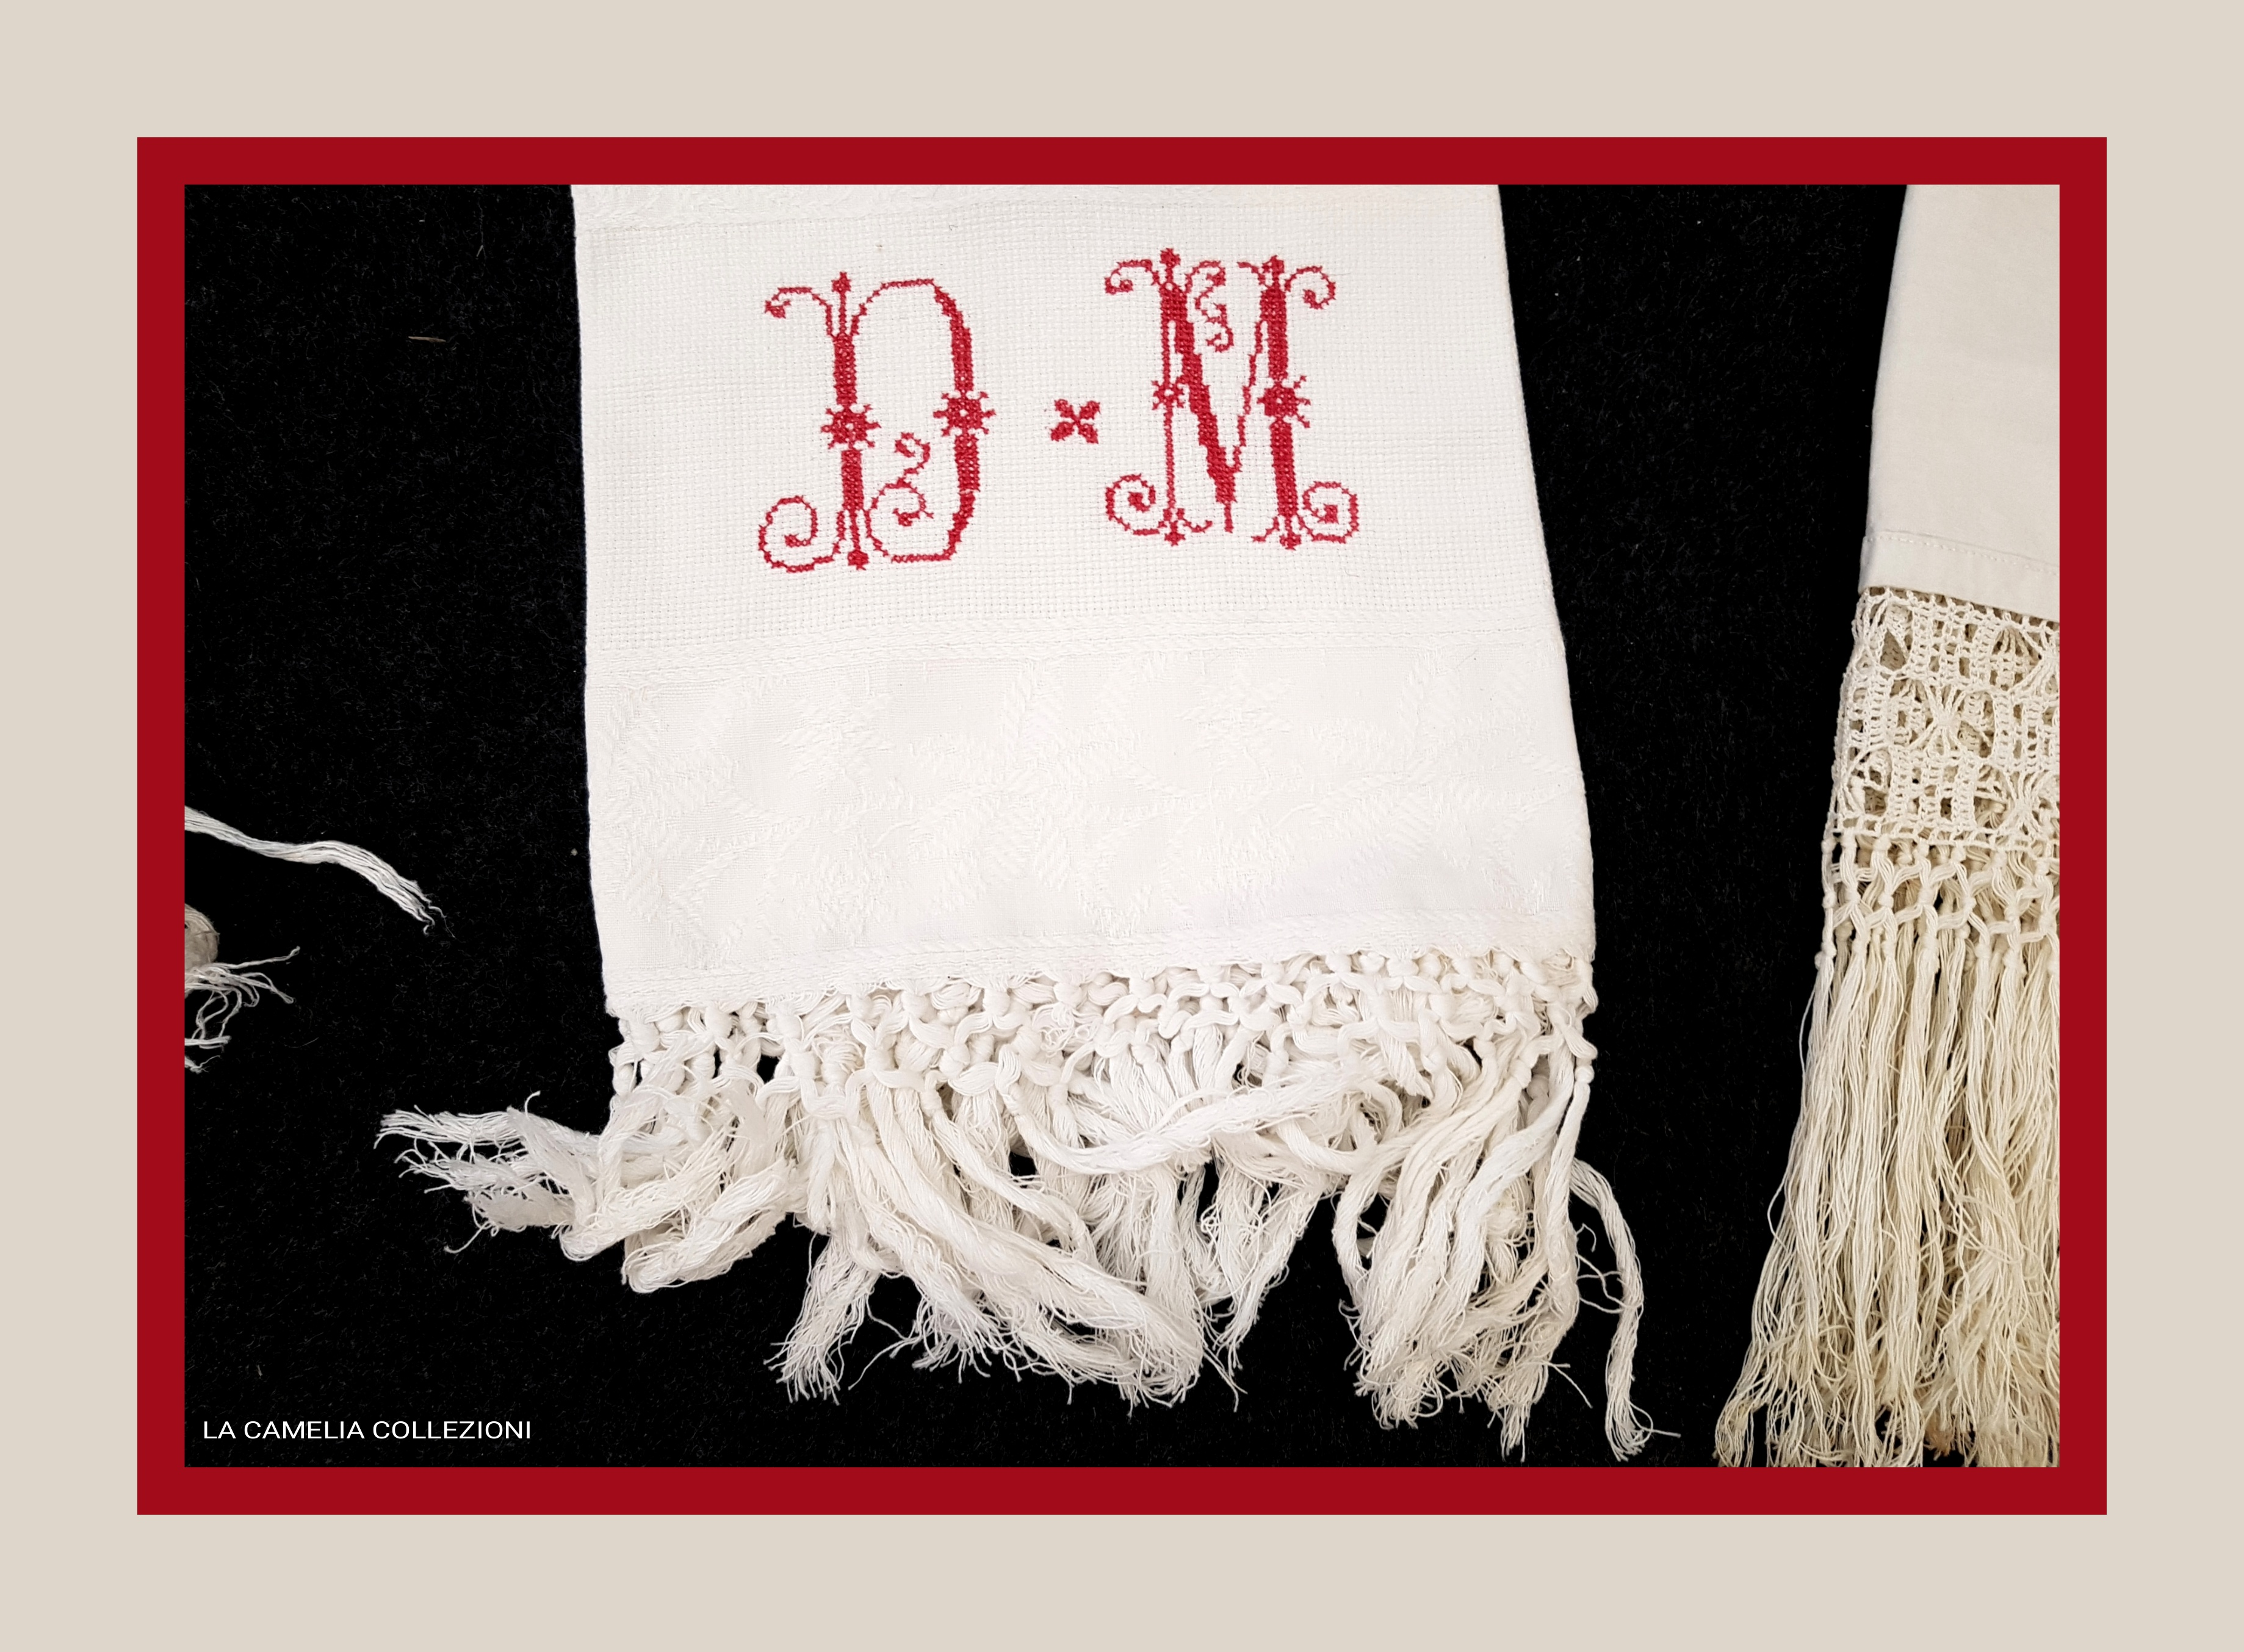 asciugamani antichi con frangia - la camelia collezioni